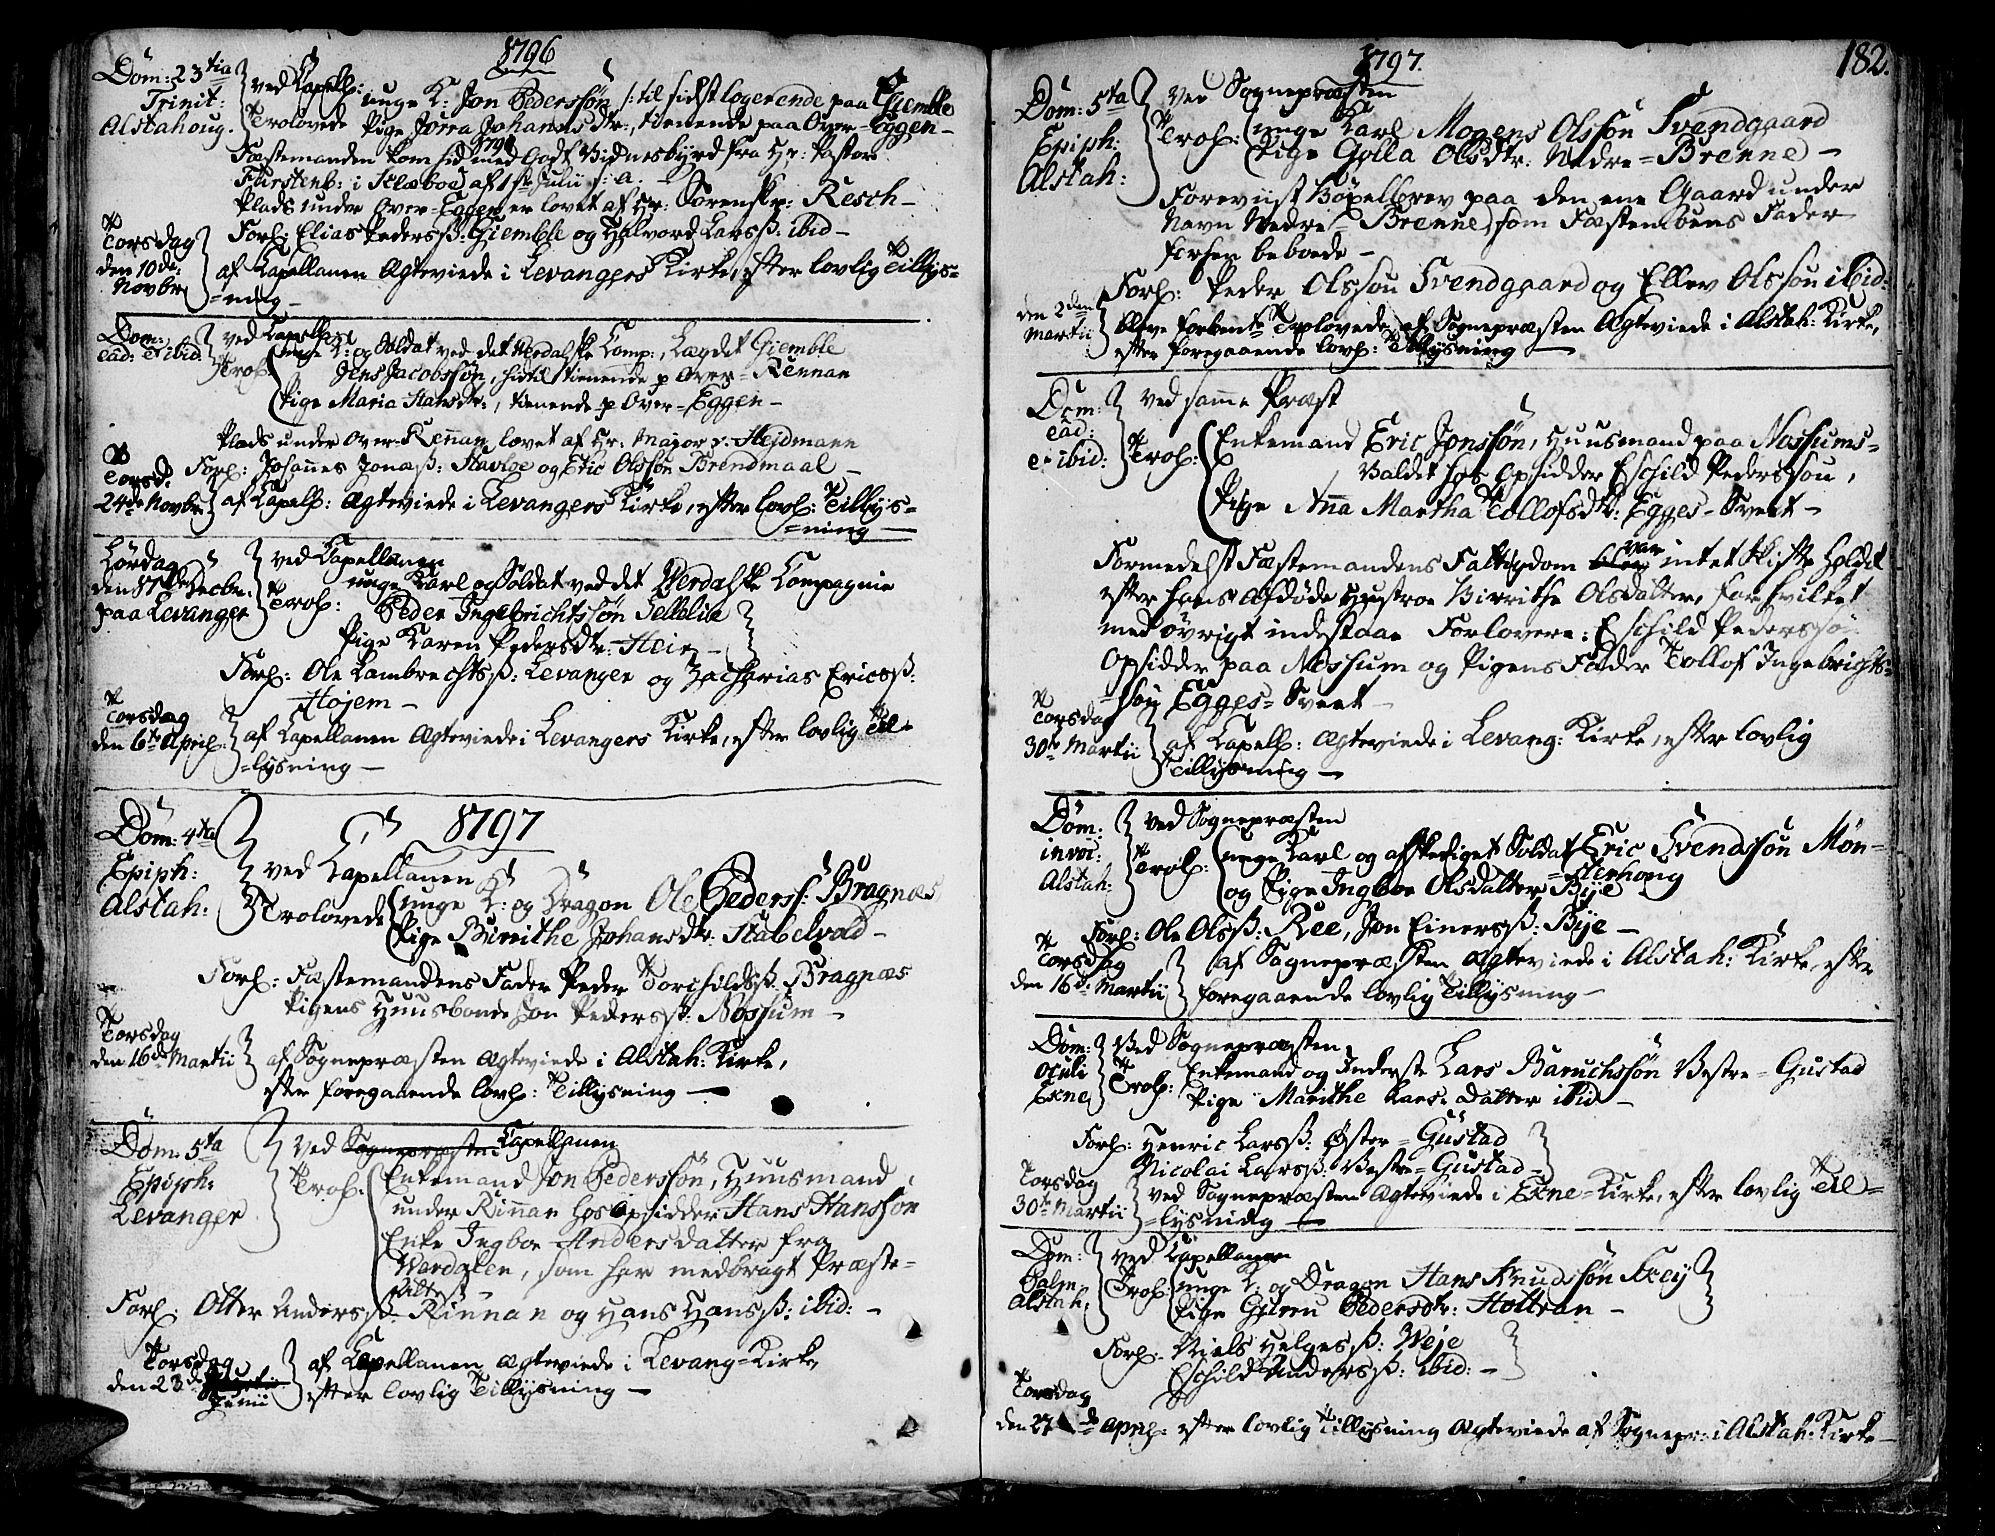 SAT, Ministerialprotokoller, klokkerbøker og fødselsregistre - Nord-Trøndelag, 717/L0142: Ministerialbok nr. 717A02 /1, 1783-1809, s. 182